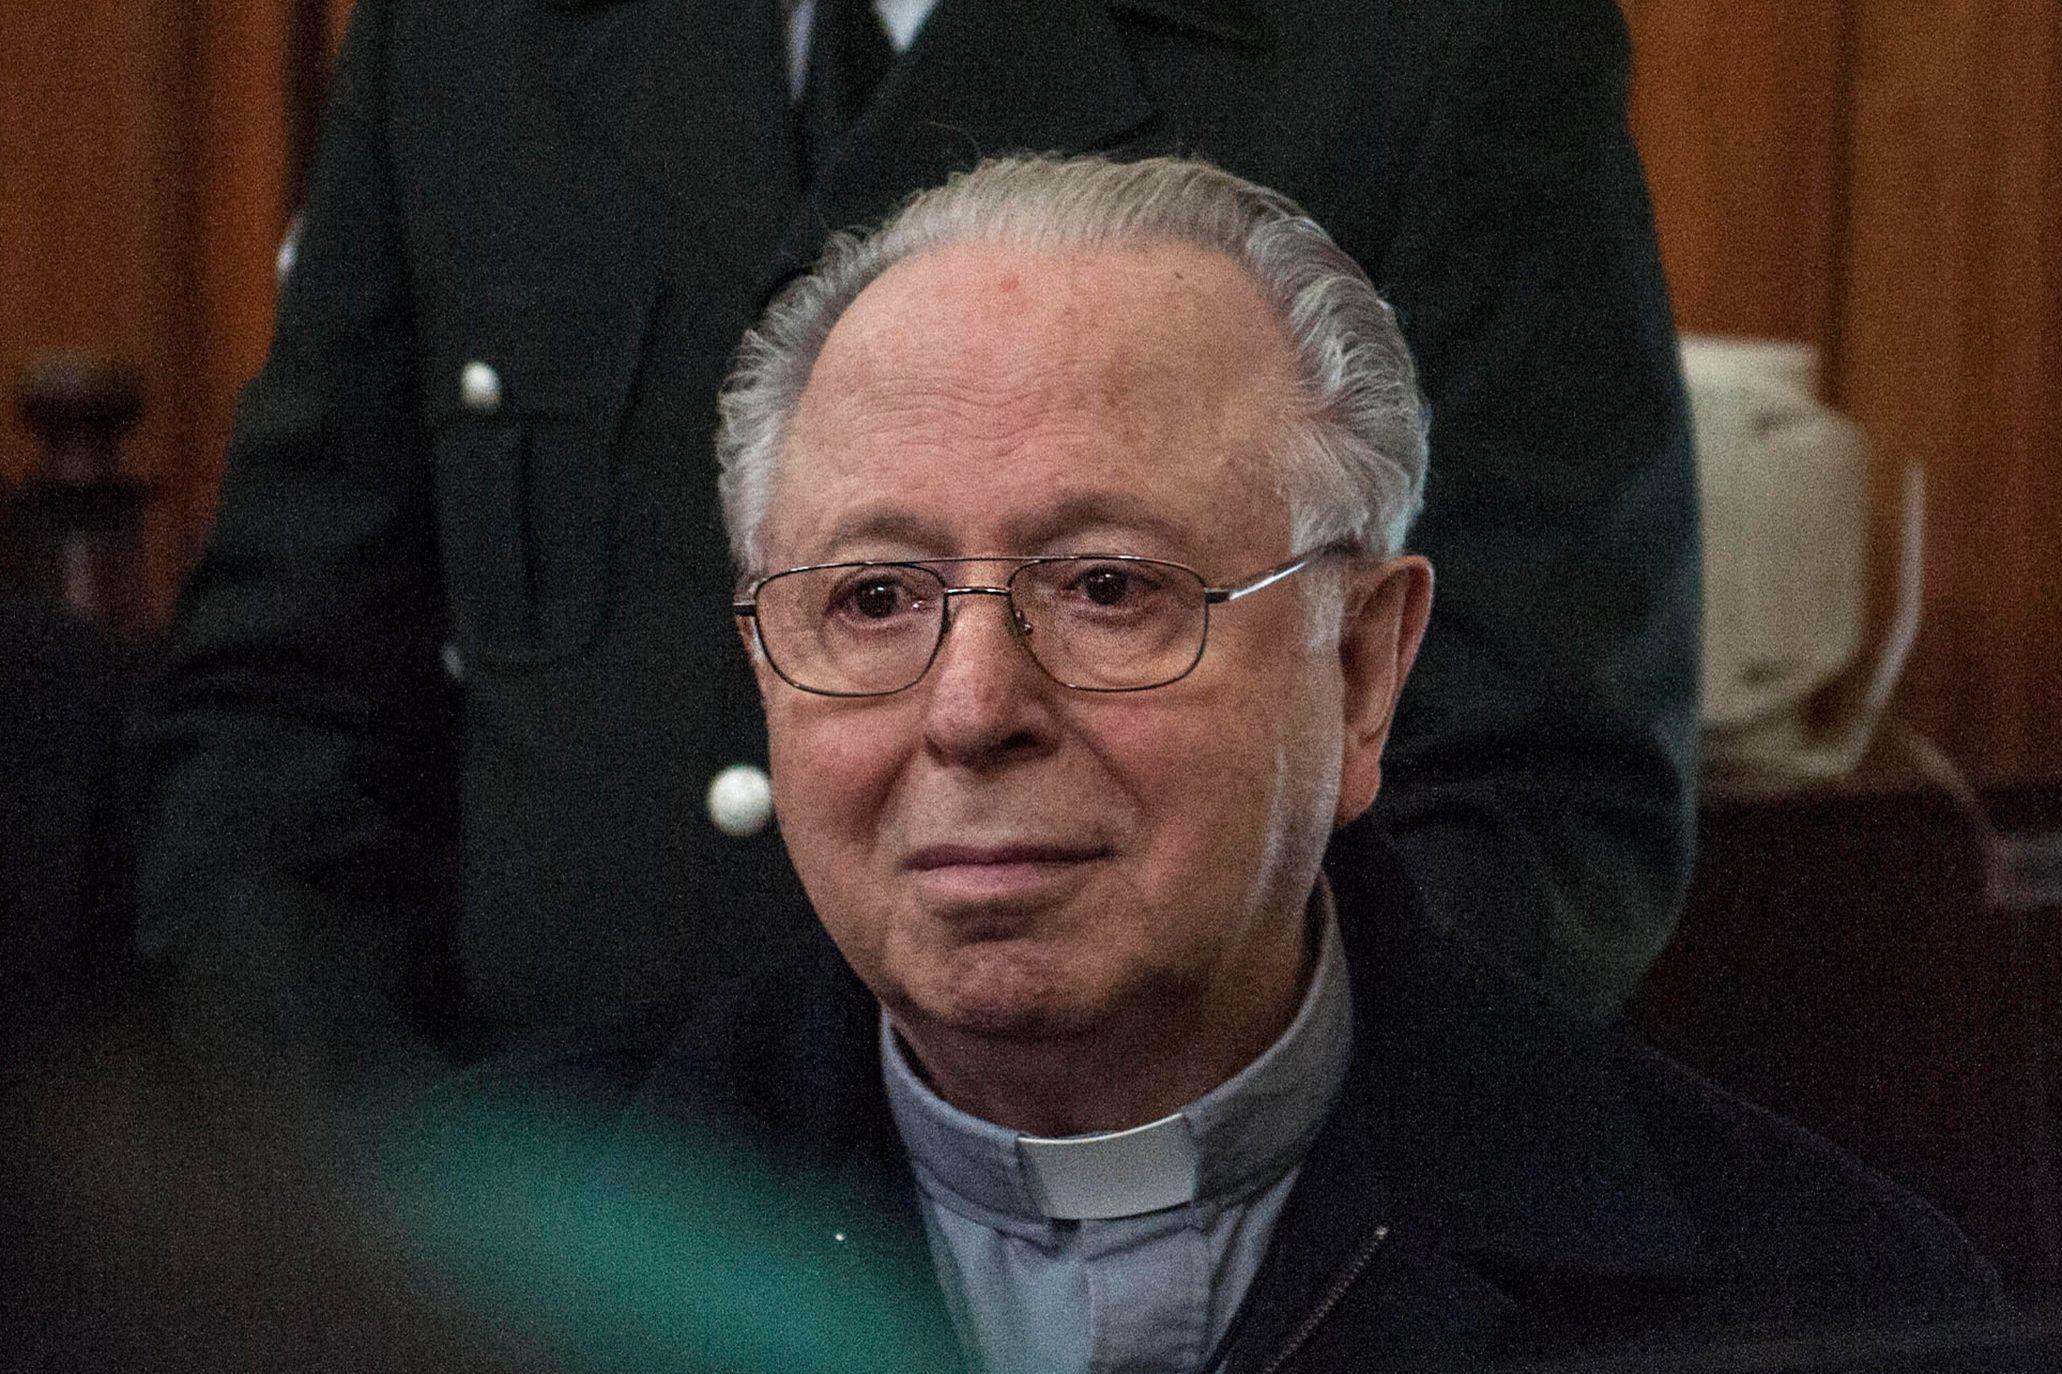 El sacerdote chileno Fernando Karadima comparece ante el tribunal de Santiago para declarar en una demanda civil contra la Arquidiócesis de Santiago por presunto encubrimiento de abusos sexuales, en noviembre de 2015.